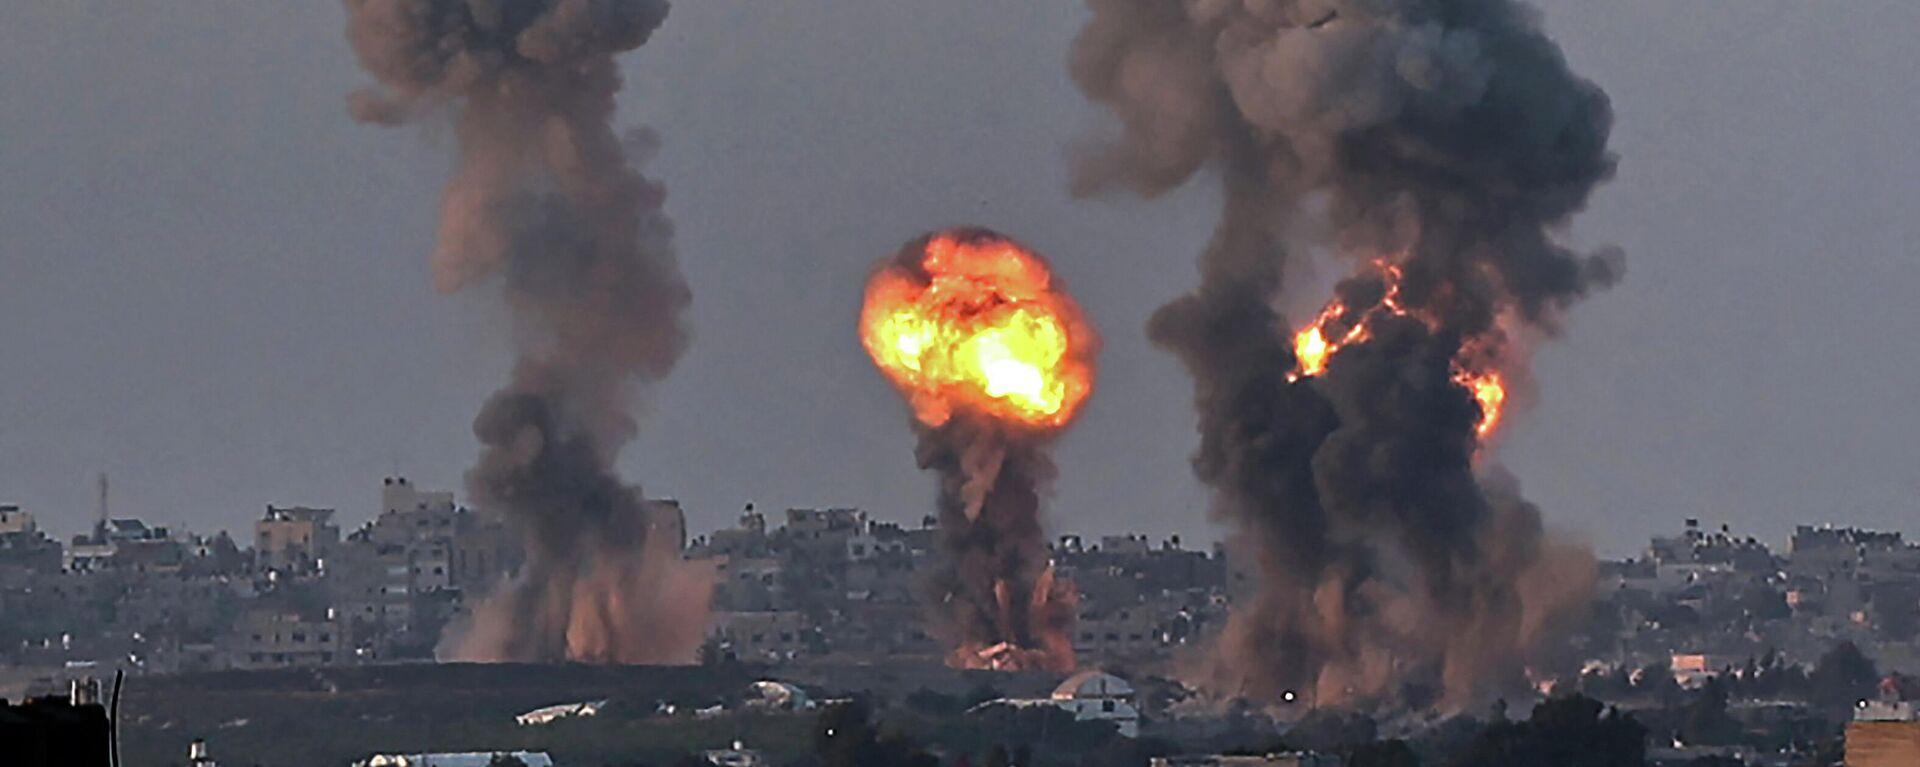 Humo y fuego en la Franja de Gaza tras un ataque de Israel - Sputnik Mundo, 1920, 12.05.2021